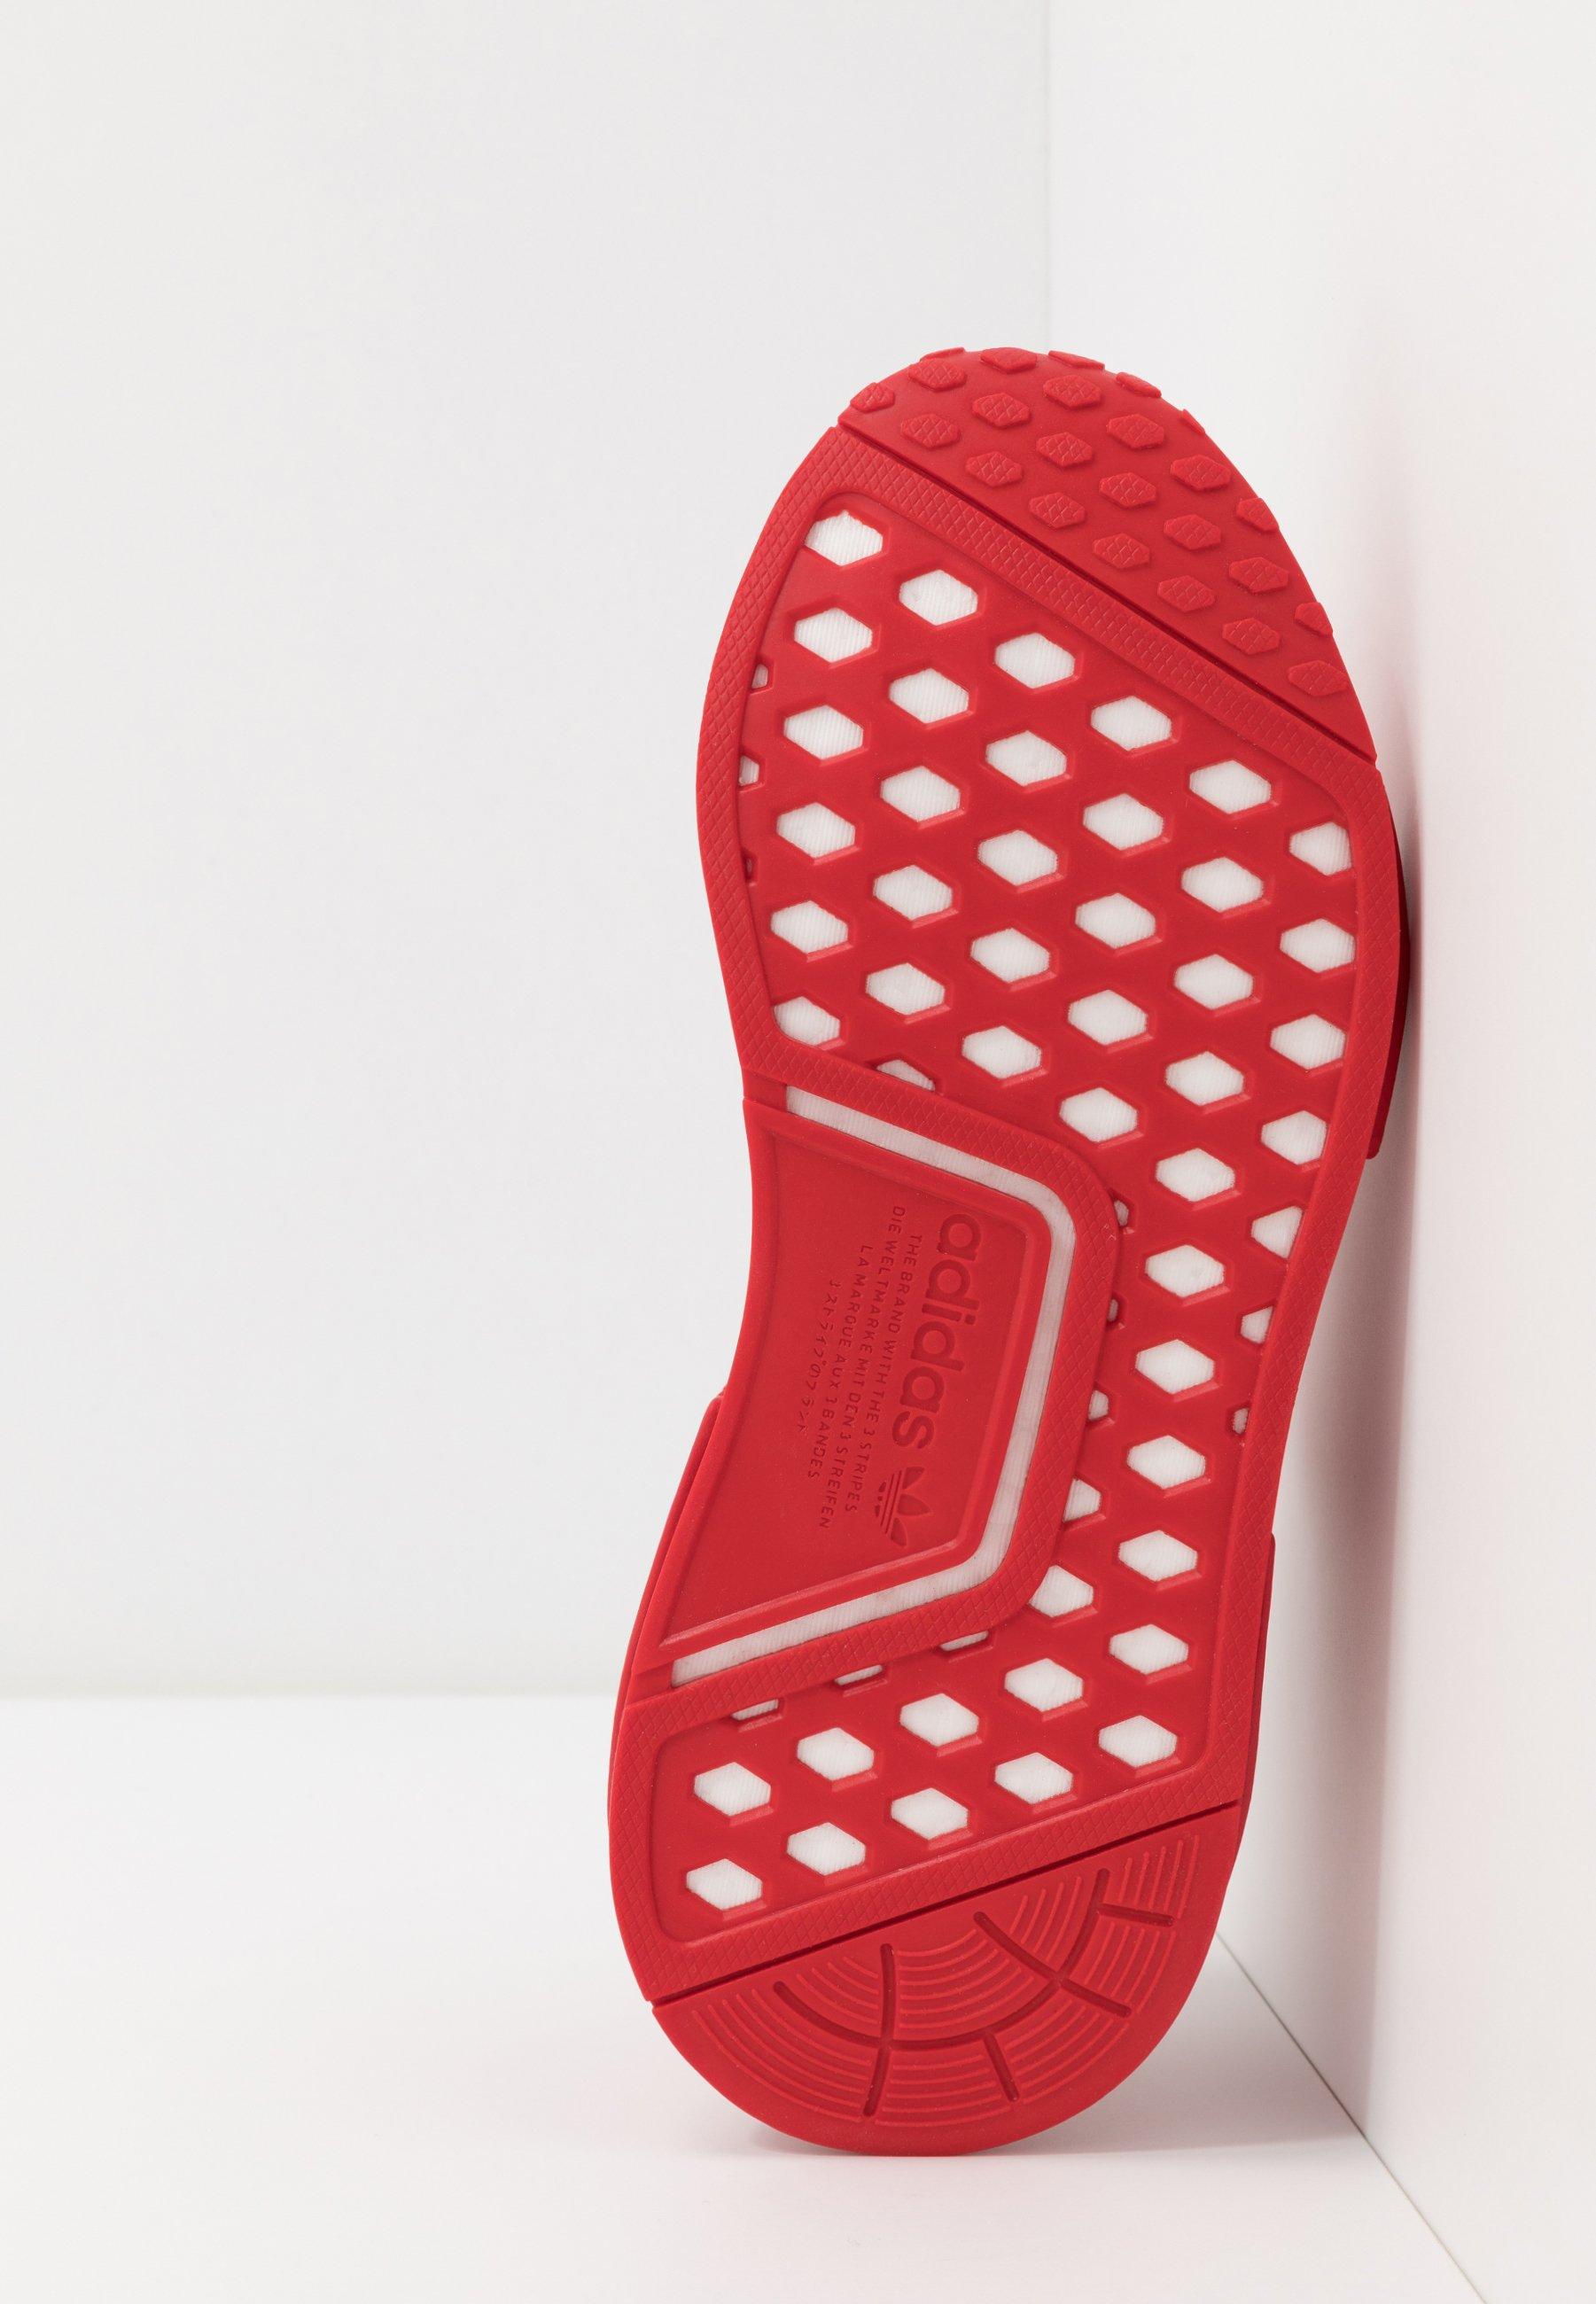 adidas NMD, las zapatillas calcetín de moda para los looks